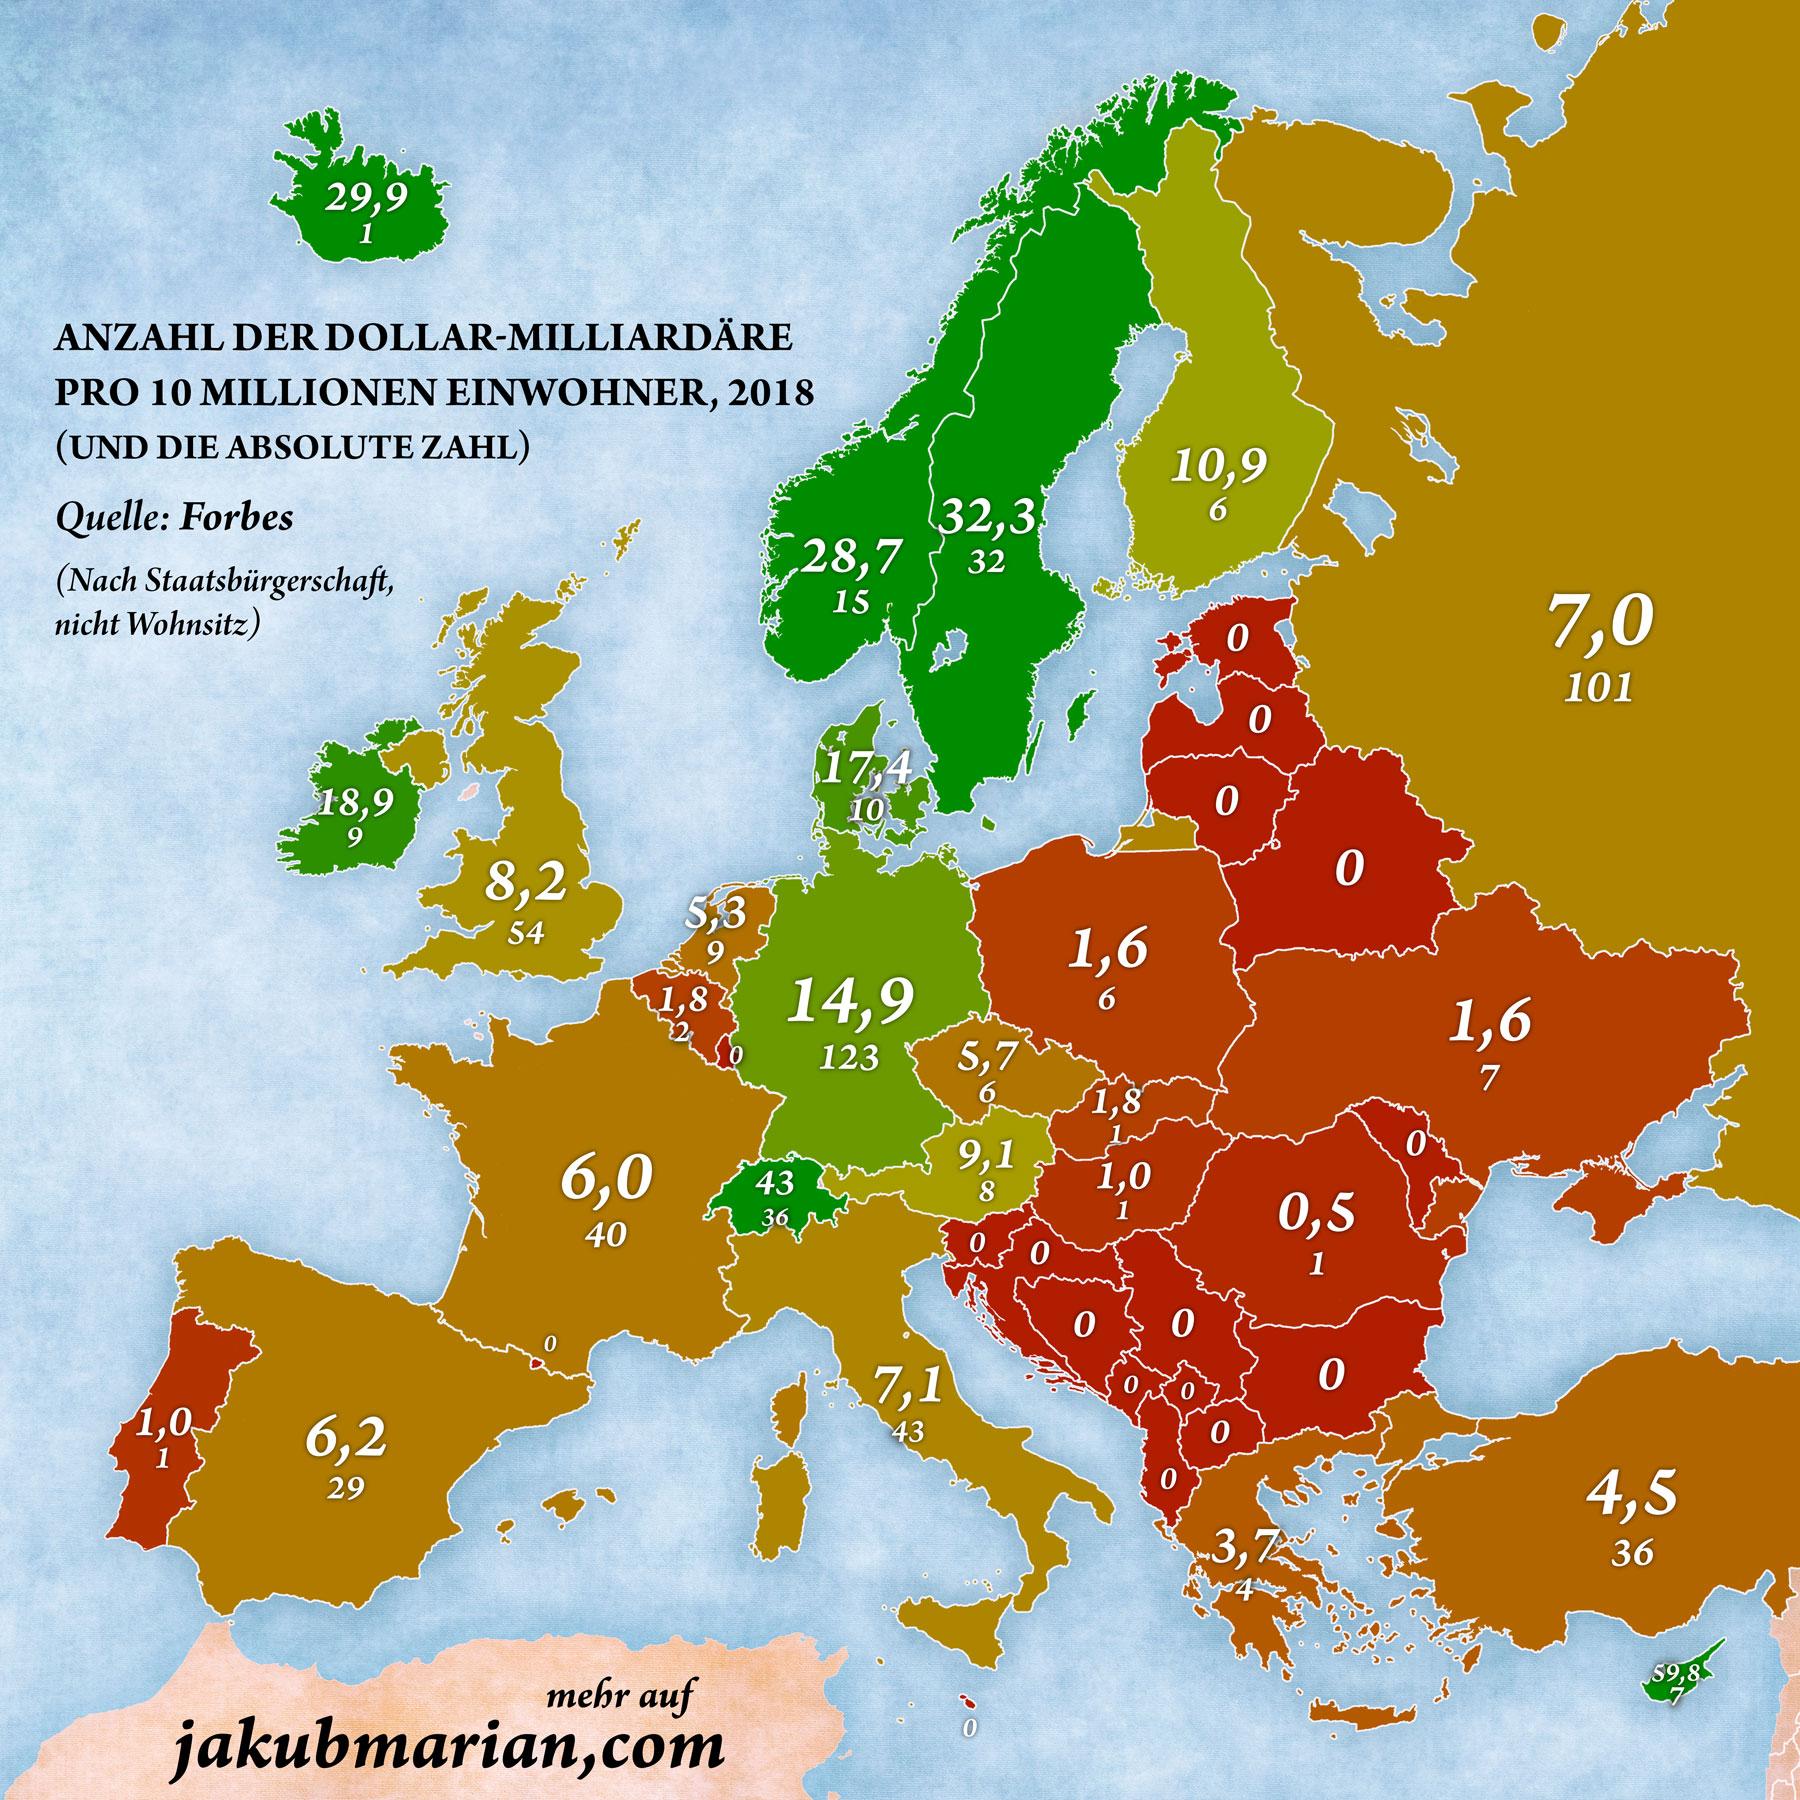 Anzahl der Milliardäre nach Land in Europa